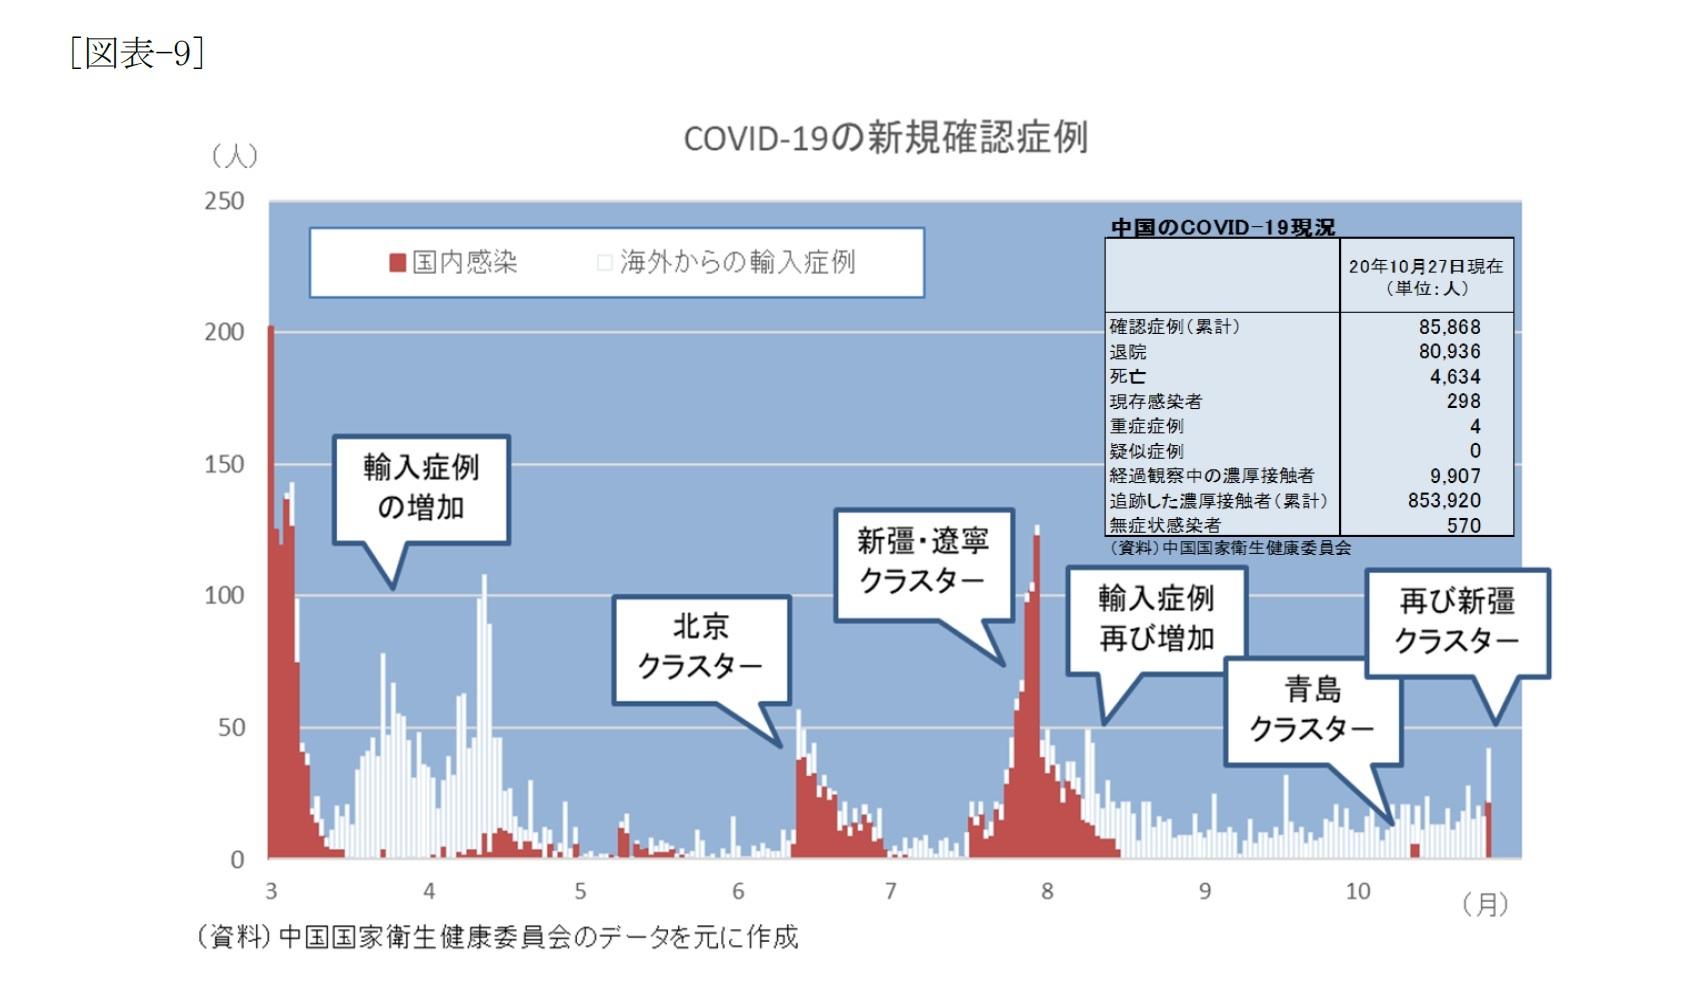 [図表-9]COVID-19の新規確認症例